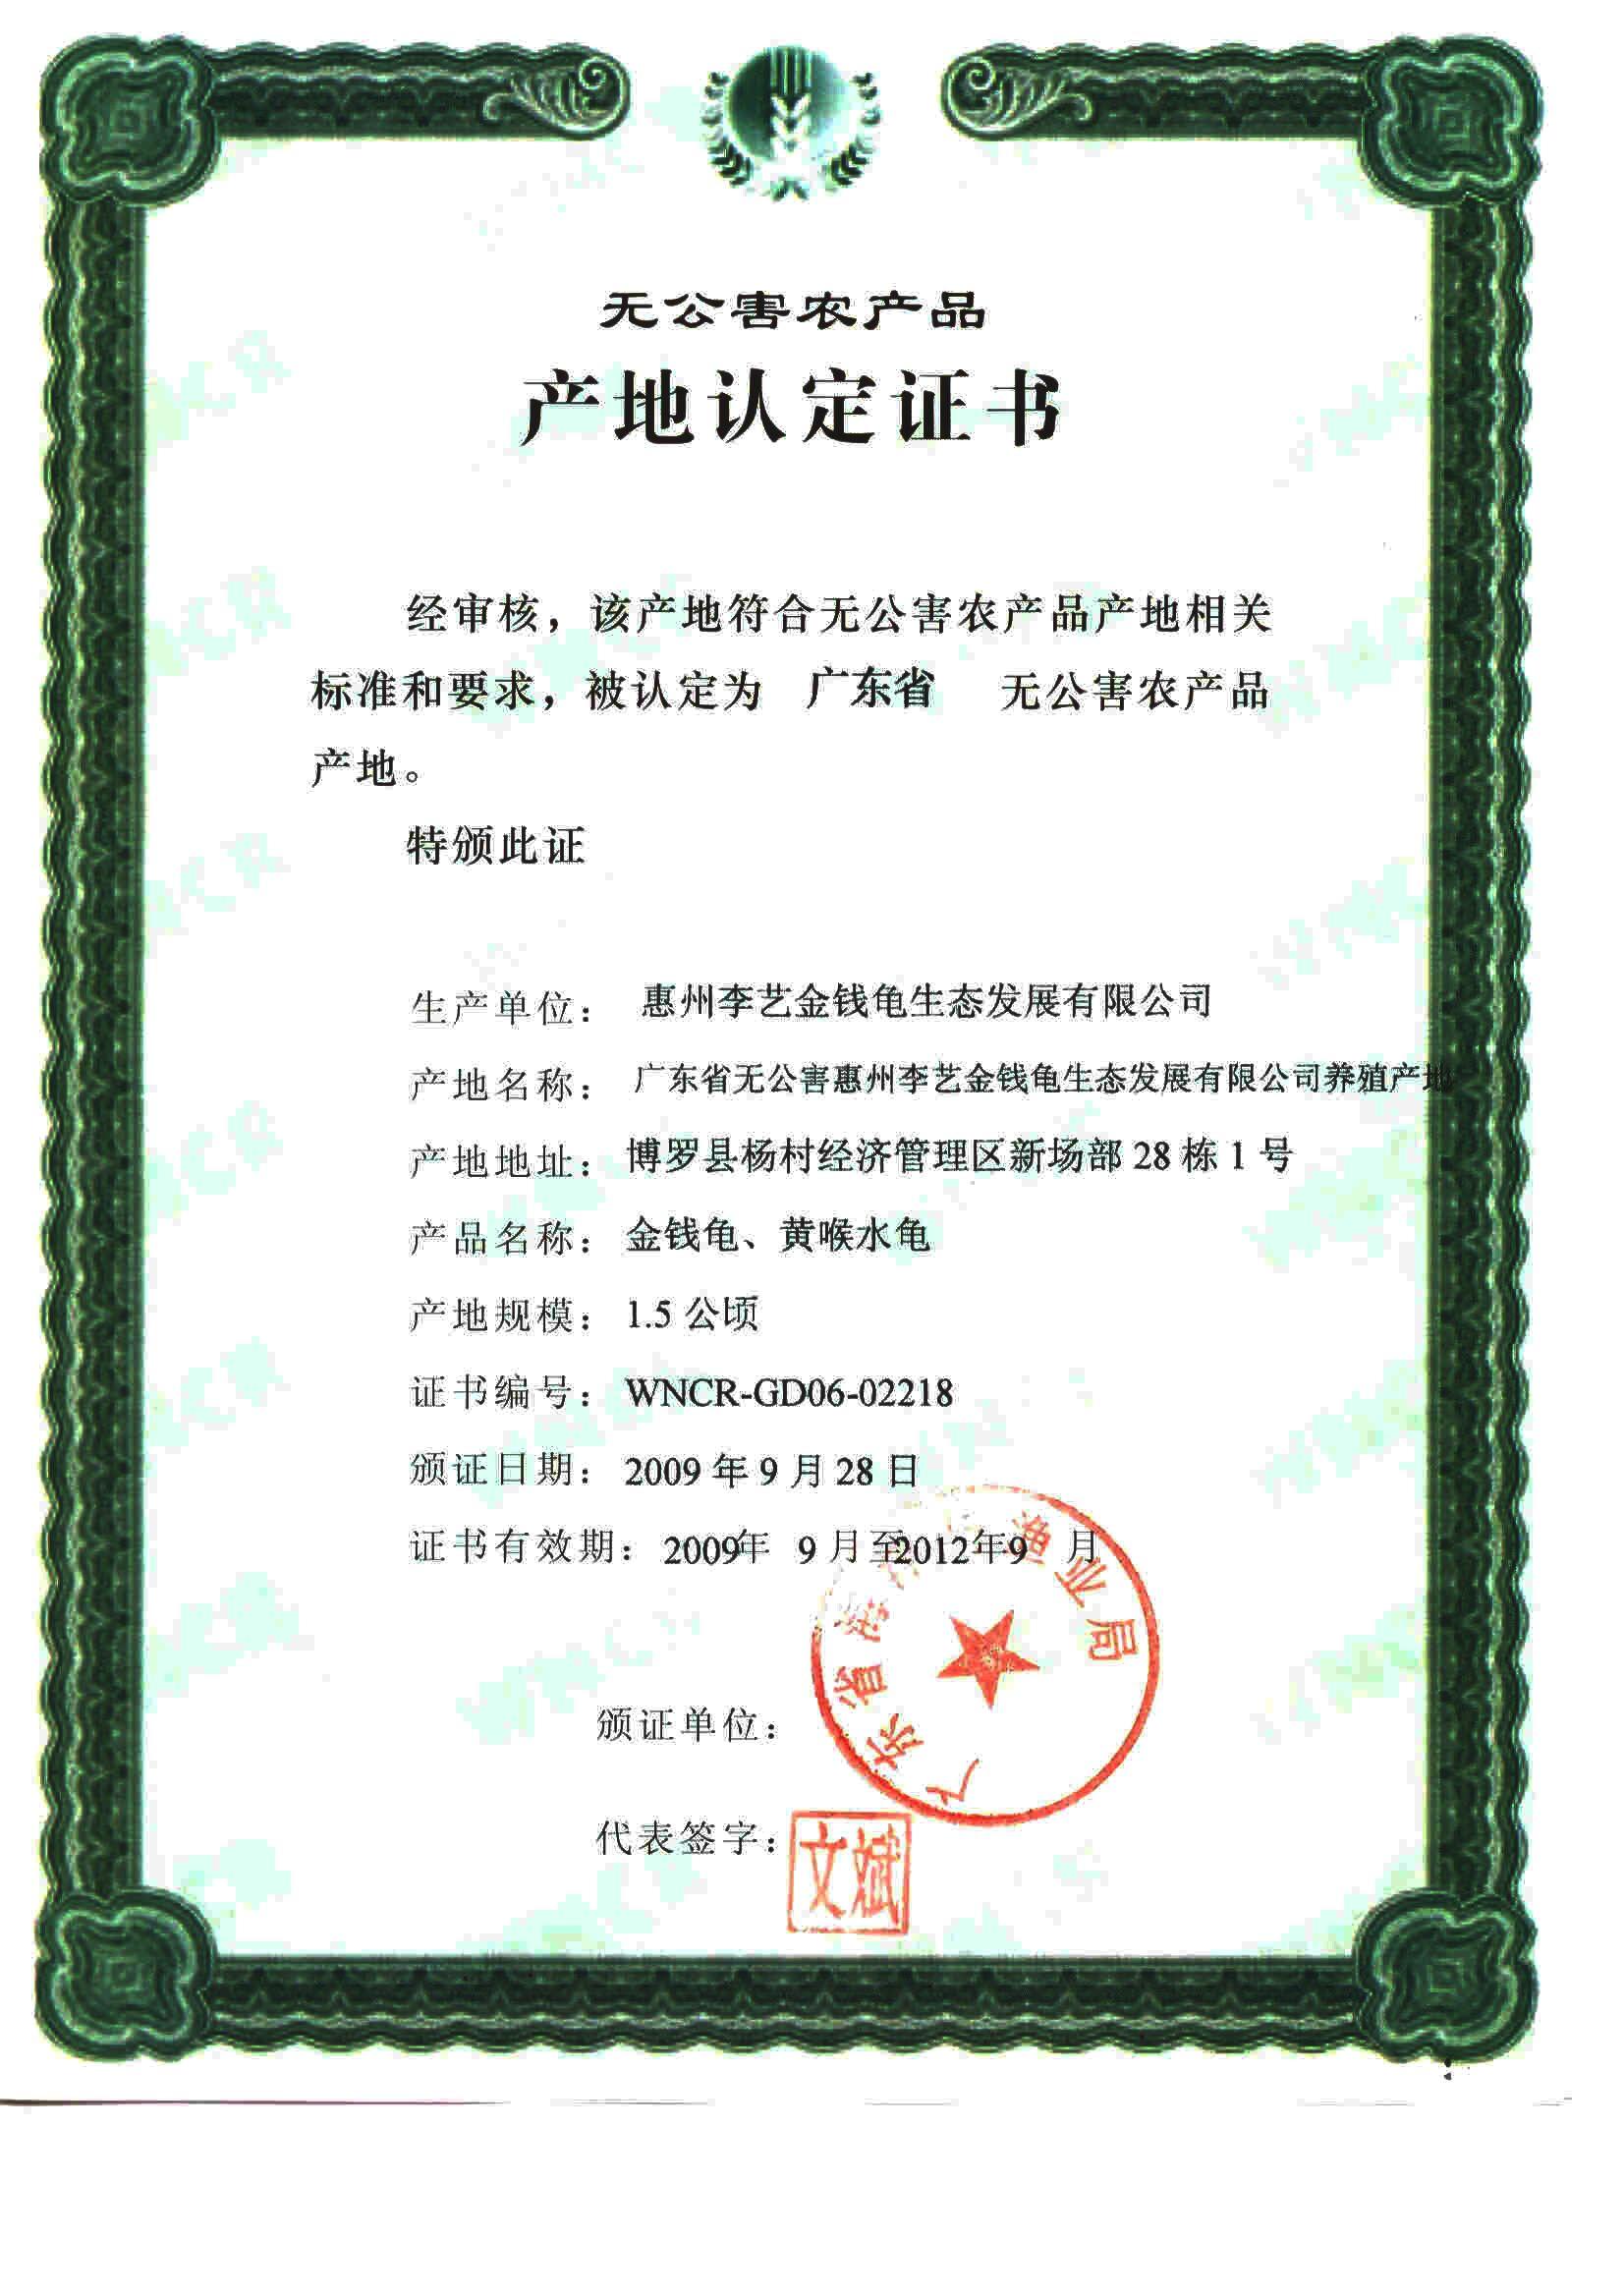 2009-2012無公害農產品產地認定證書-原